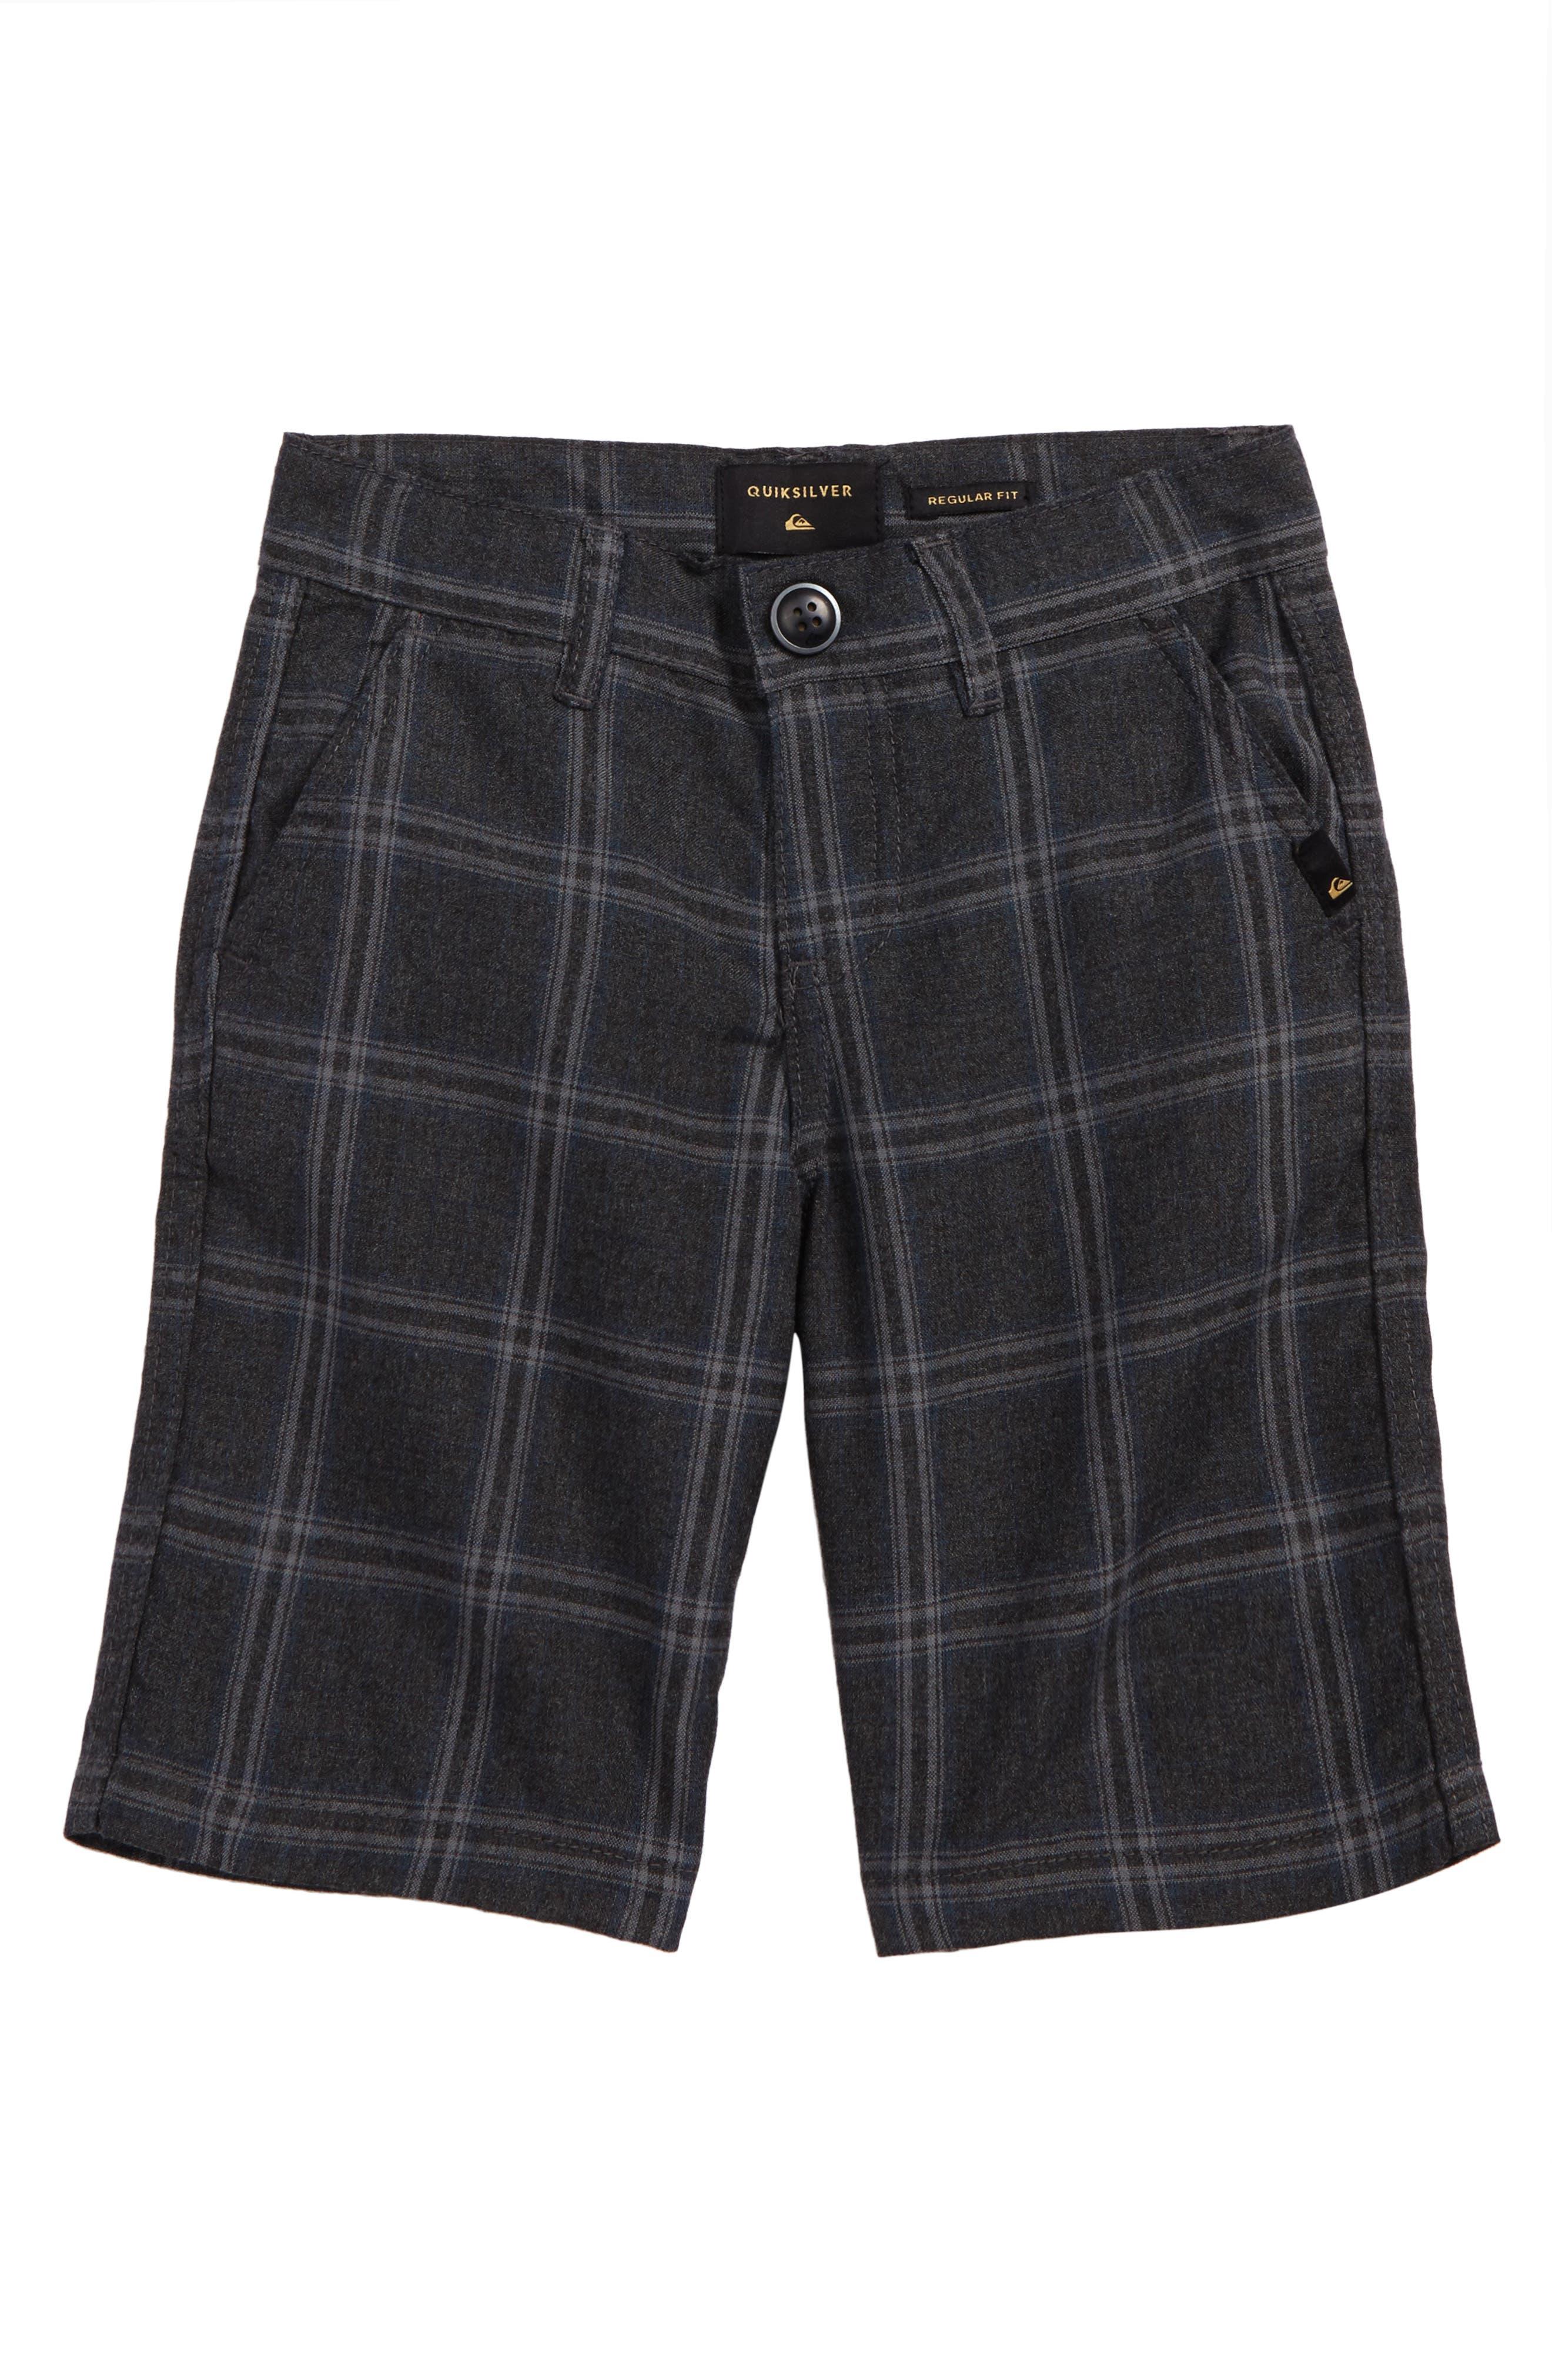 Regeneration Plaid Shorts,                         Main,                         color, Dark Grey Regeneration